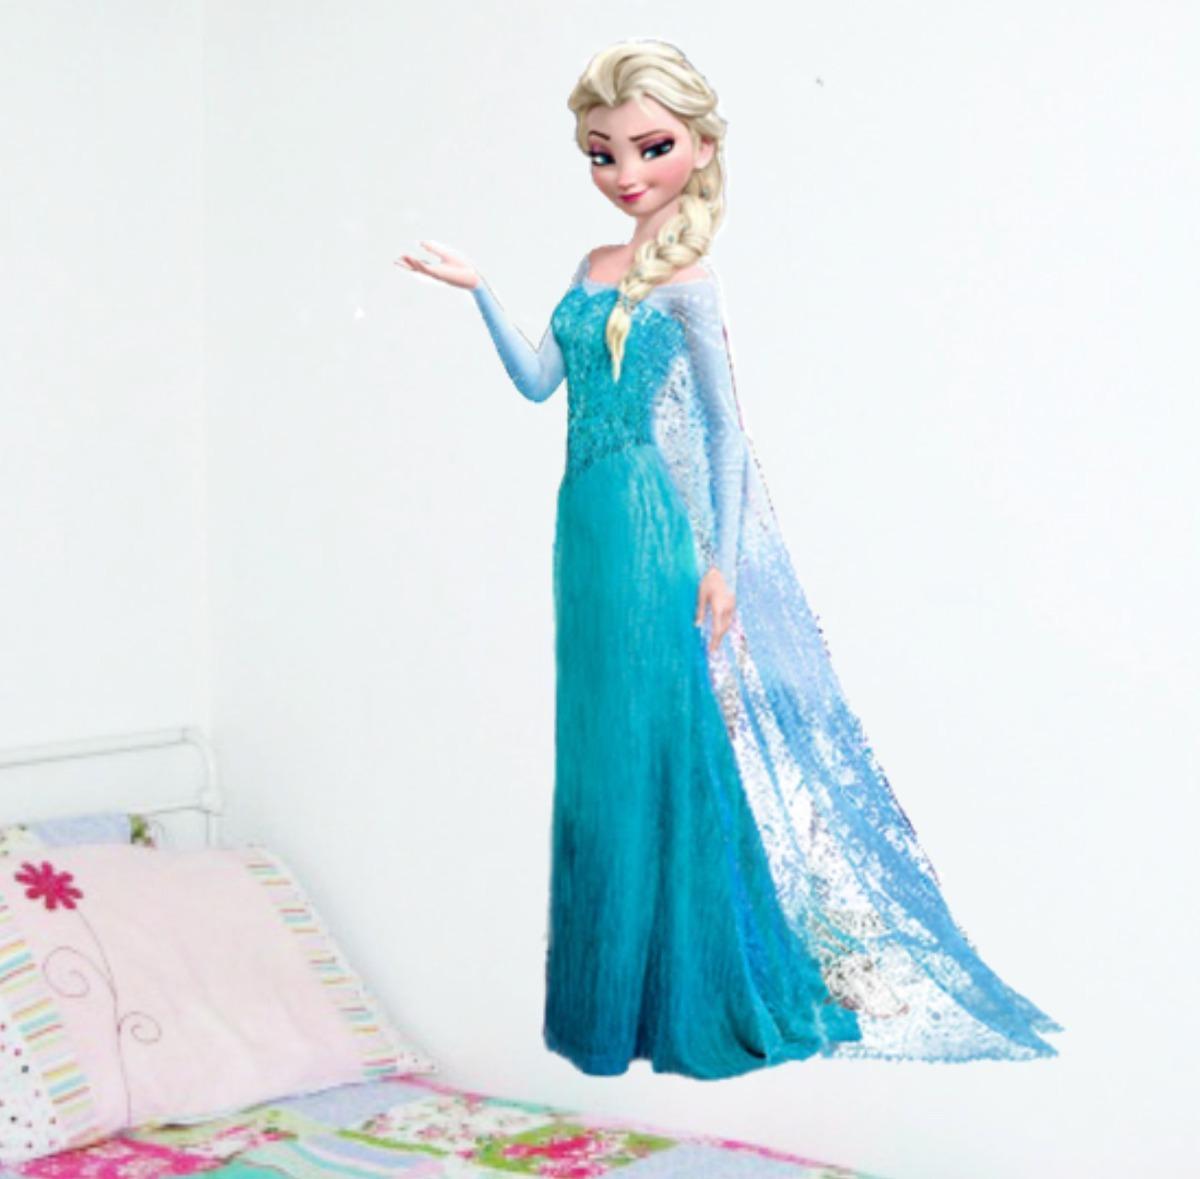 Aparador Walmart ~ Adesivo De Parede Frozen Quarto Porta Menina Olaf Elsa Lindo R$ 60,90 em Mercado Livre